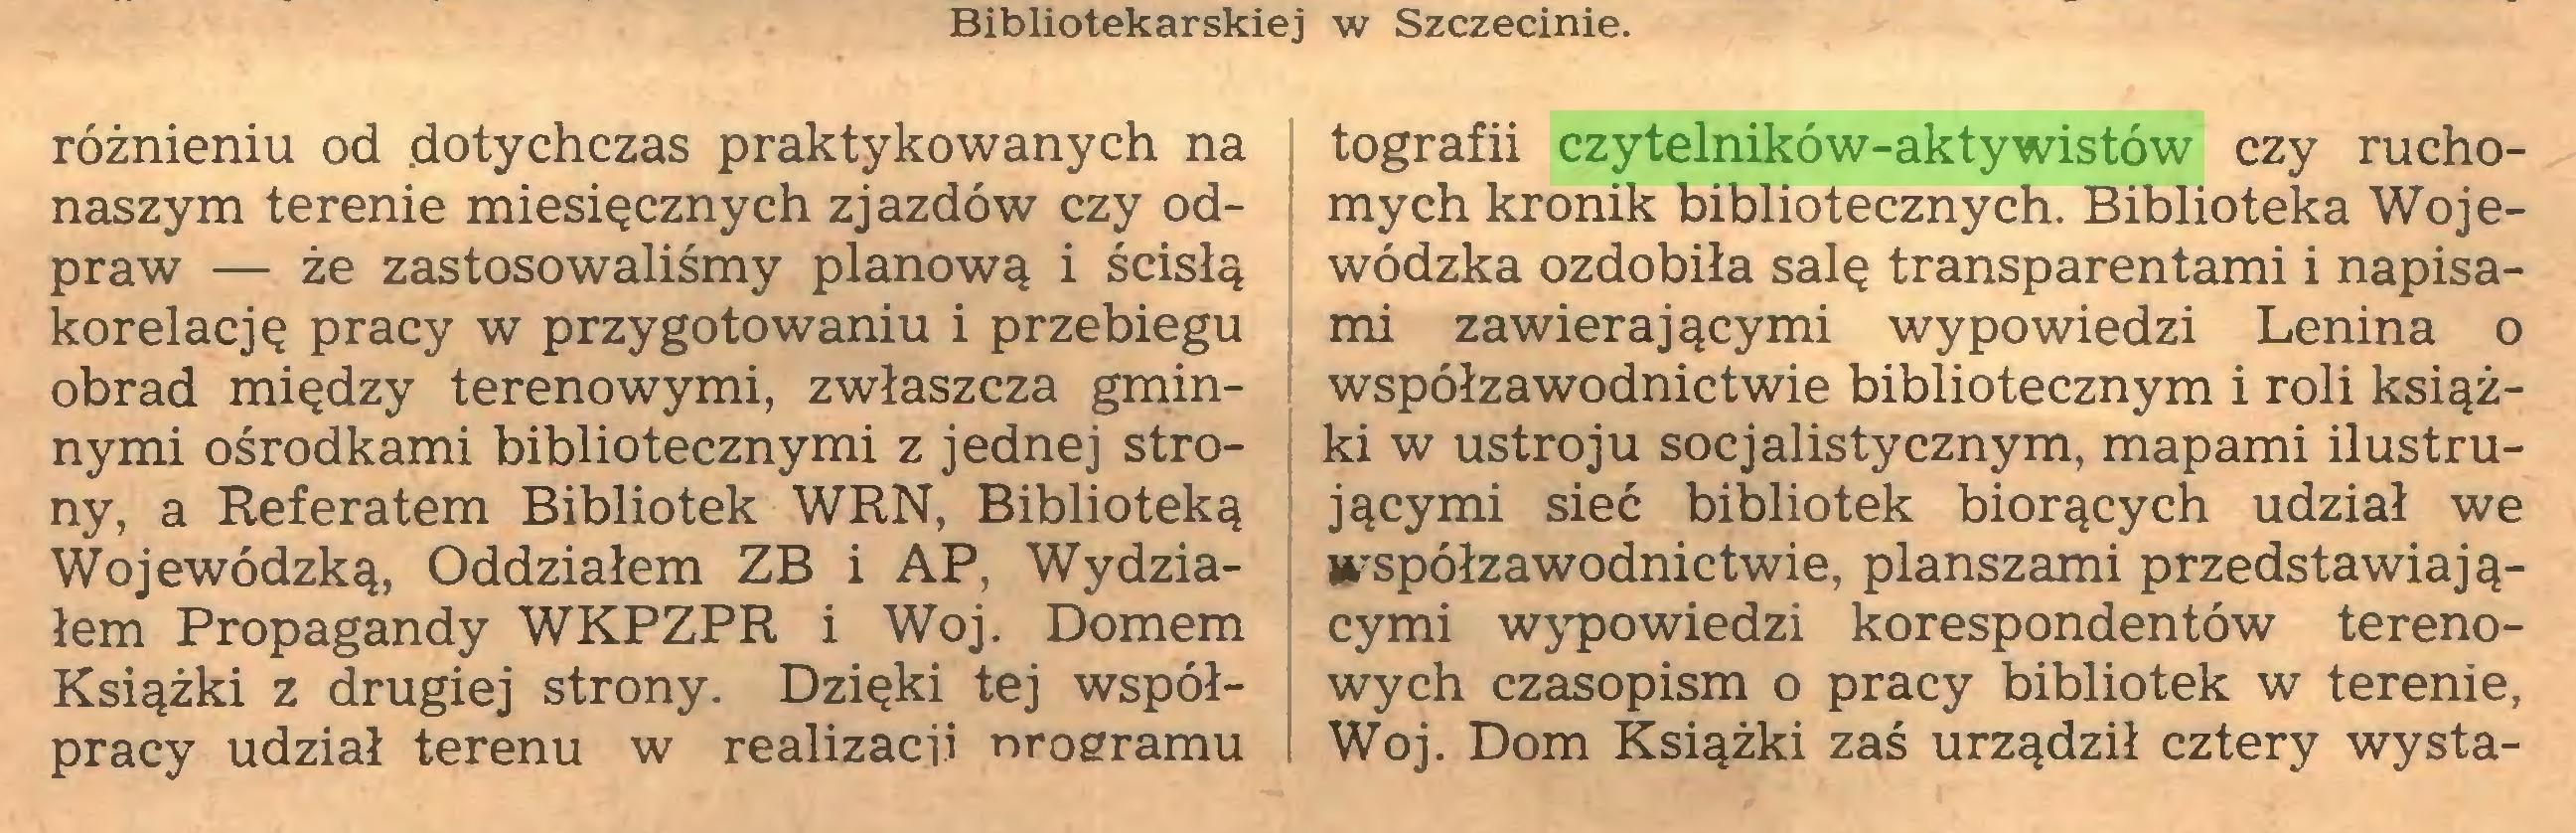 (...) Bibliotekarskiej w Szczecinie. różnieniu od dotychczas praktykowanych na naszym terenie miesięcznych zjazdów czy odpraw — że zastosowaliśmy planową i ścisłą korelację pracy w przygotowaniu i przebiegu obrad między terenowymi, zwłaszcza gminnymi ośrodkami bibliotecznymi z jednej strony, a Referatem Bibliotek WRN, Biblioteką Wojewódzką, Oddziałem ZB i AP, Wydziałem Propagandy WKPZPR i Woj. Domem Książki z drugiej strony. Dzięki tej współpracy udział terenu w realizacji nroeramu tografii czytelników-aktywistów czy ruchomych kronik bibliotecznych. Biblioteka Wojewódzka ozdobiła salę transparentami i napisami zawierającymi wypowiedzi Lenina o współzawodnictwie bibliotecznym i roli książki w ustroju socjalistycznym, mapami ilustrującymi sieć bibliotek biorących udział we współzawodnictwie, planszami przedstawiającymi wypowiedzi korespondentów terenowych czasopism o pracy bibliotek w terenie, Woj. Dom Książki zaś urządził cztery wysta...